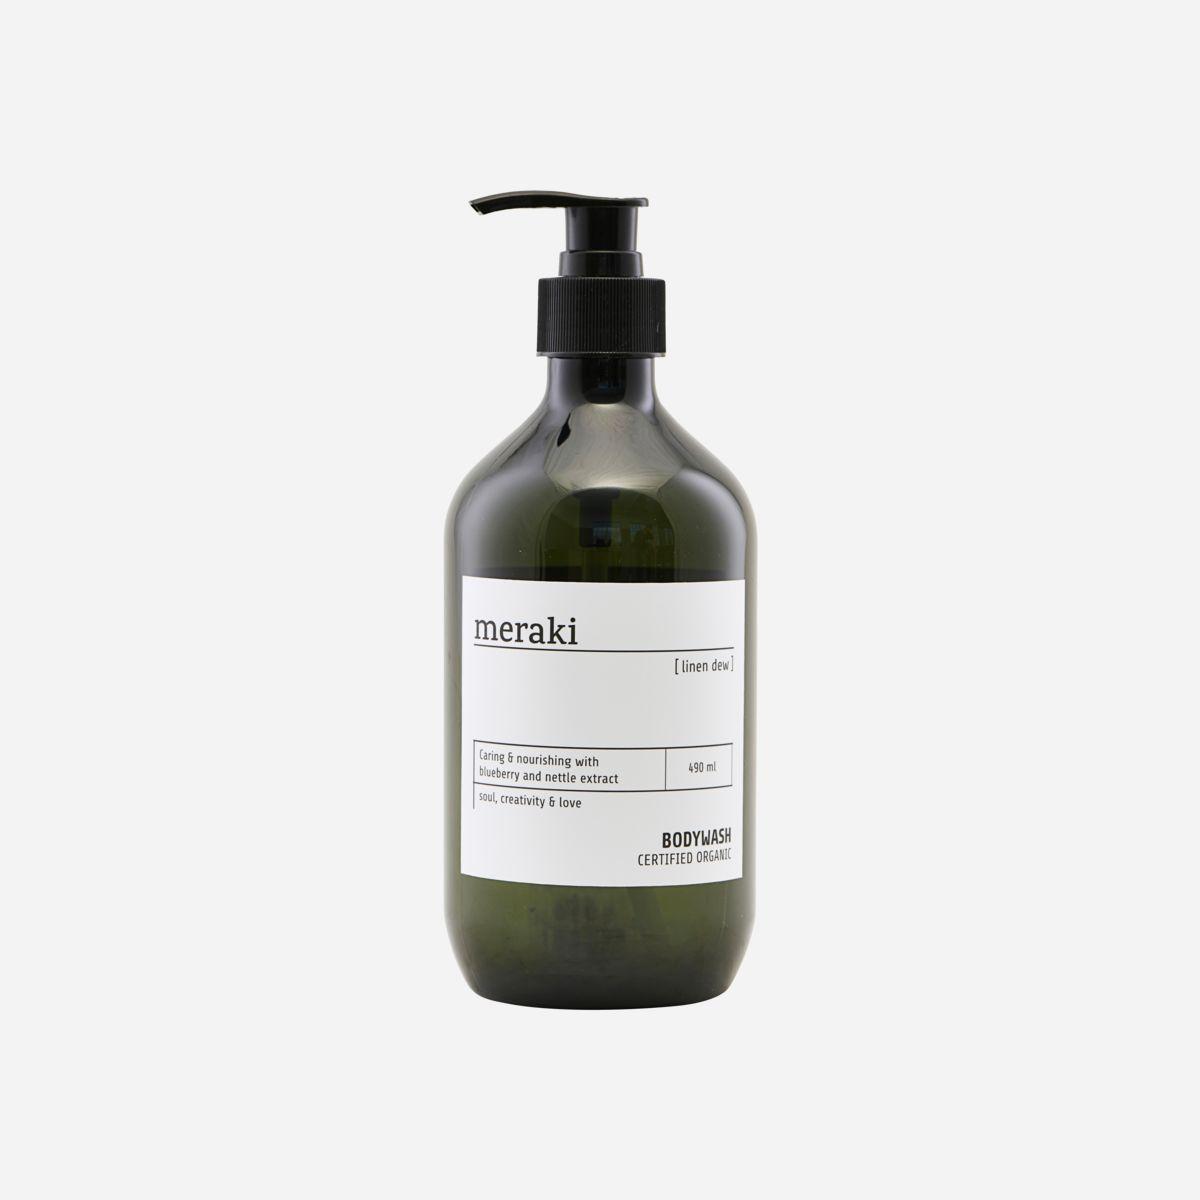 Linen Dew Body Wash